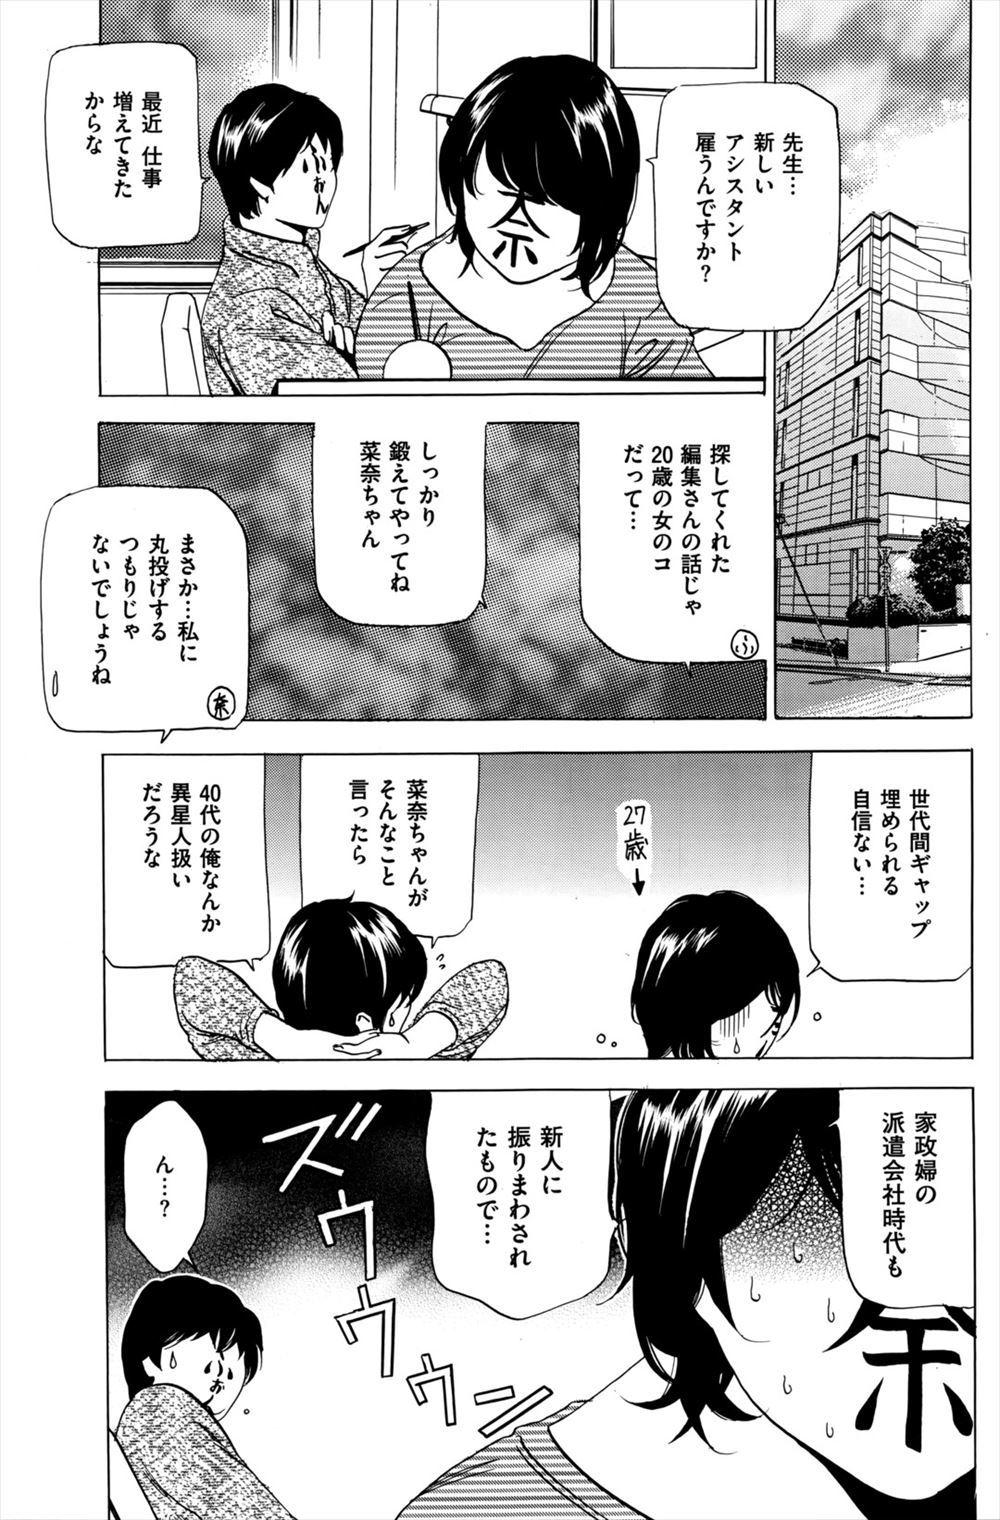 【エロ漫画】家事代行で派遣された若い娘はアスリート志望の男にエッチなサービスまでし始めるw【無料 エロ漫画】